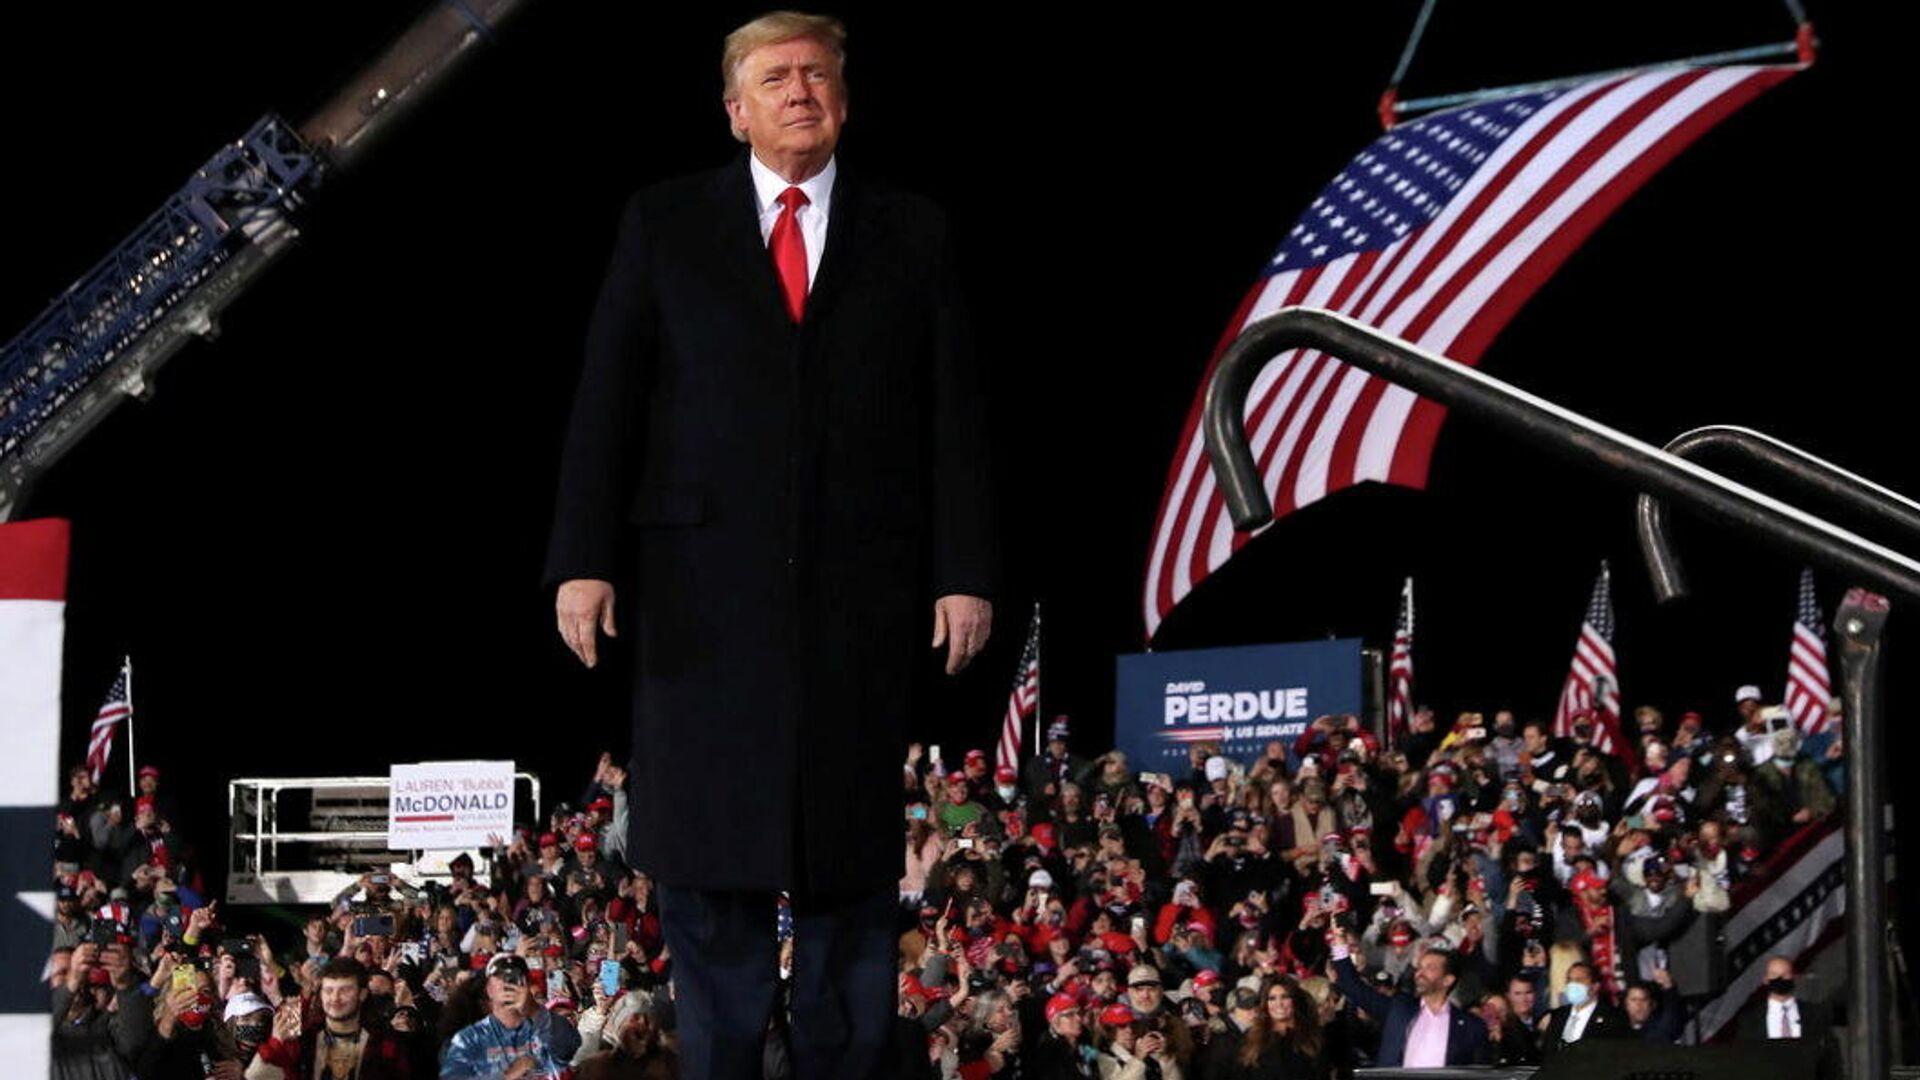 Президент США Дональд Трамп во время выступления перед своими сторонниками в Джорджии - РИА Новости, 1920, 06.01.2021